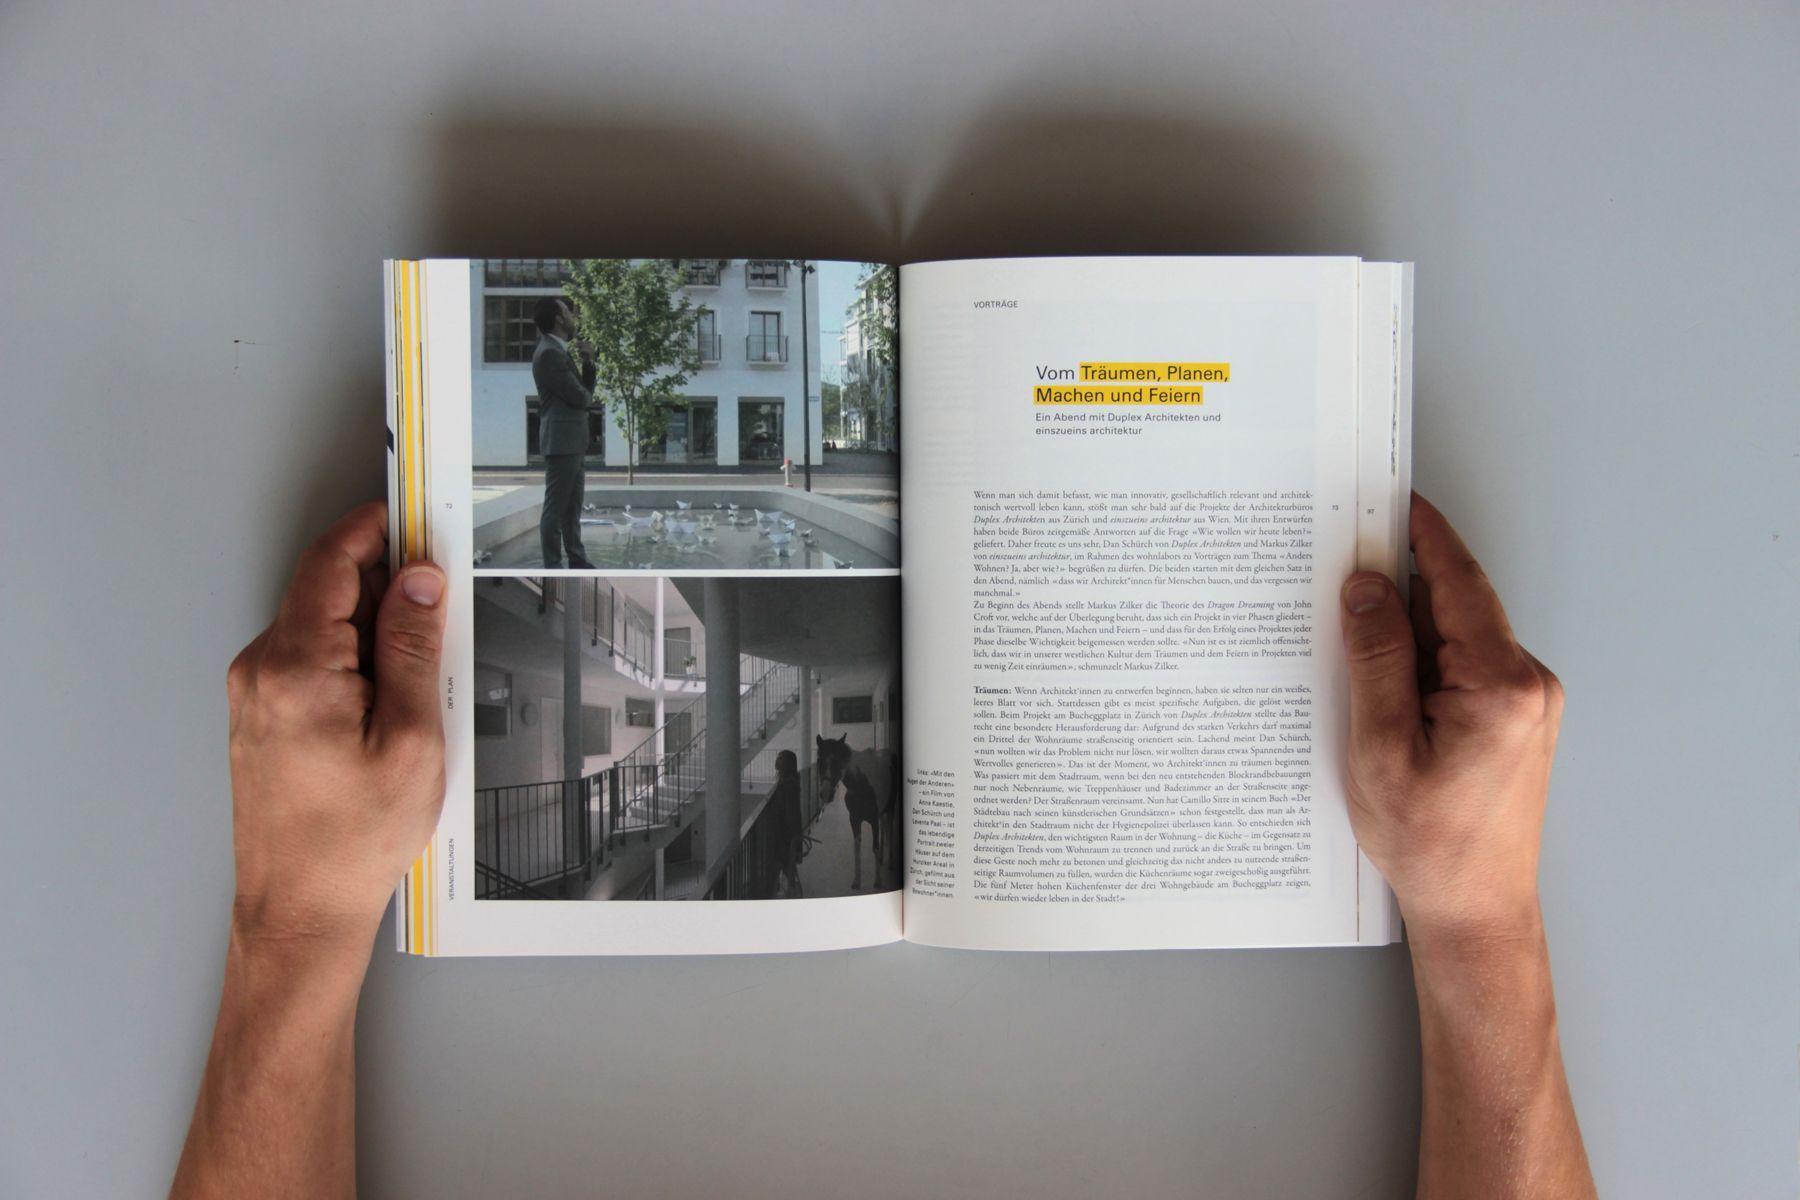 gemeinsam wohnen gestalten, Publikation 2019